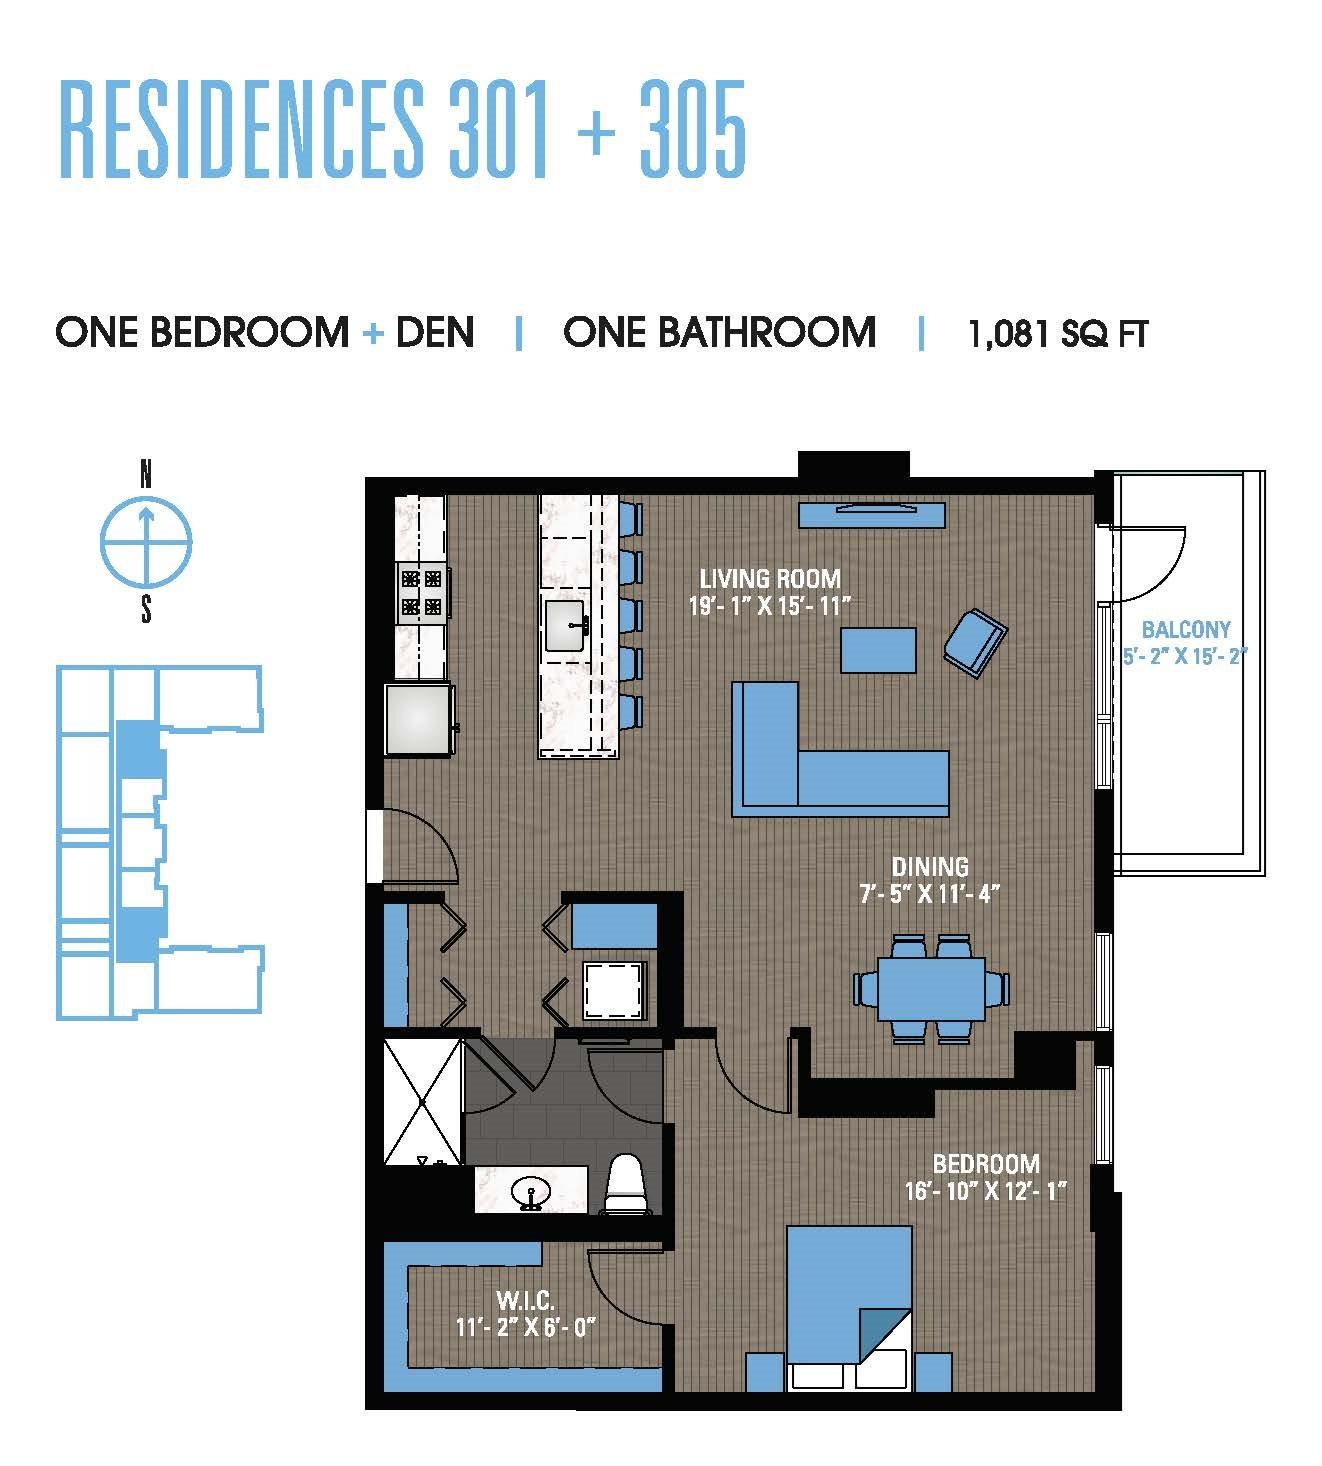 One Bedroom Den 301+305 Floor Plan 11